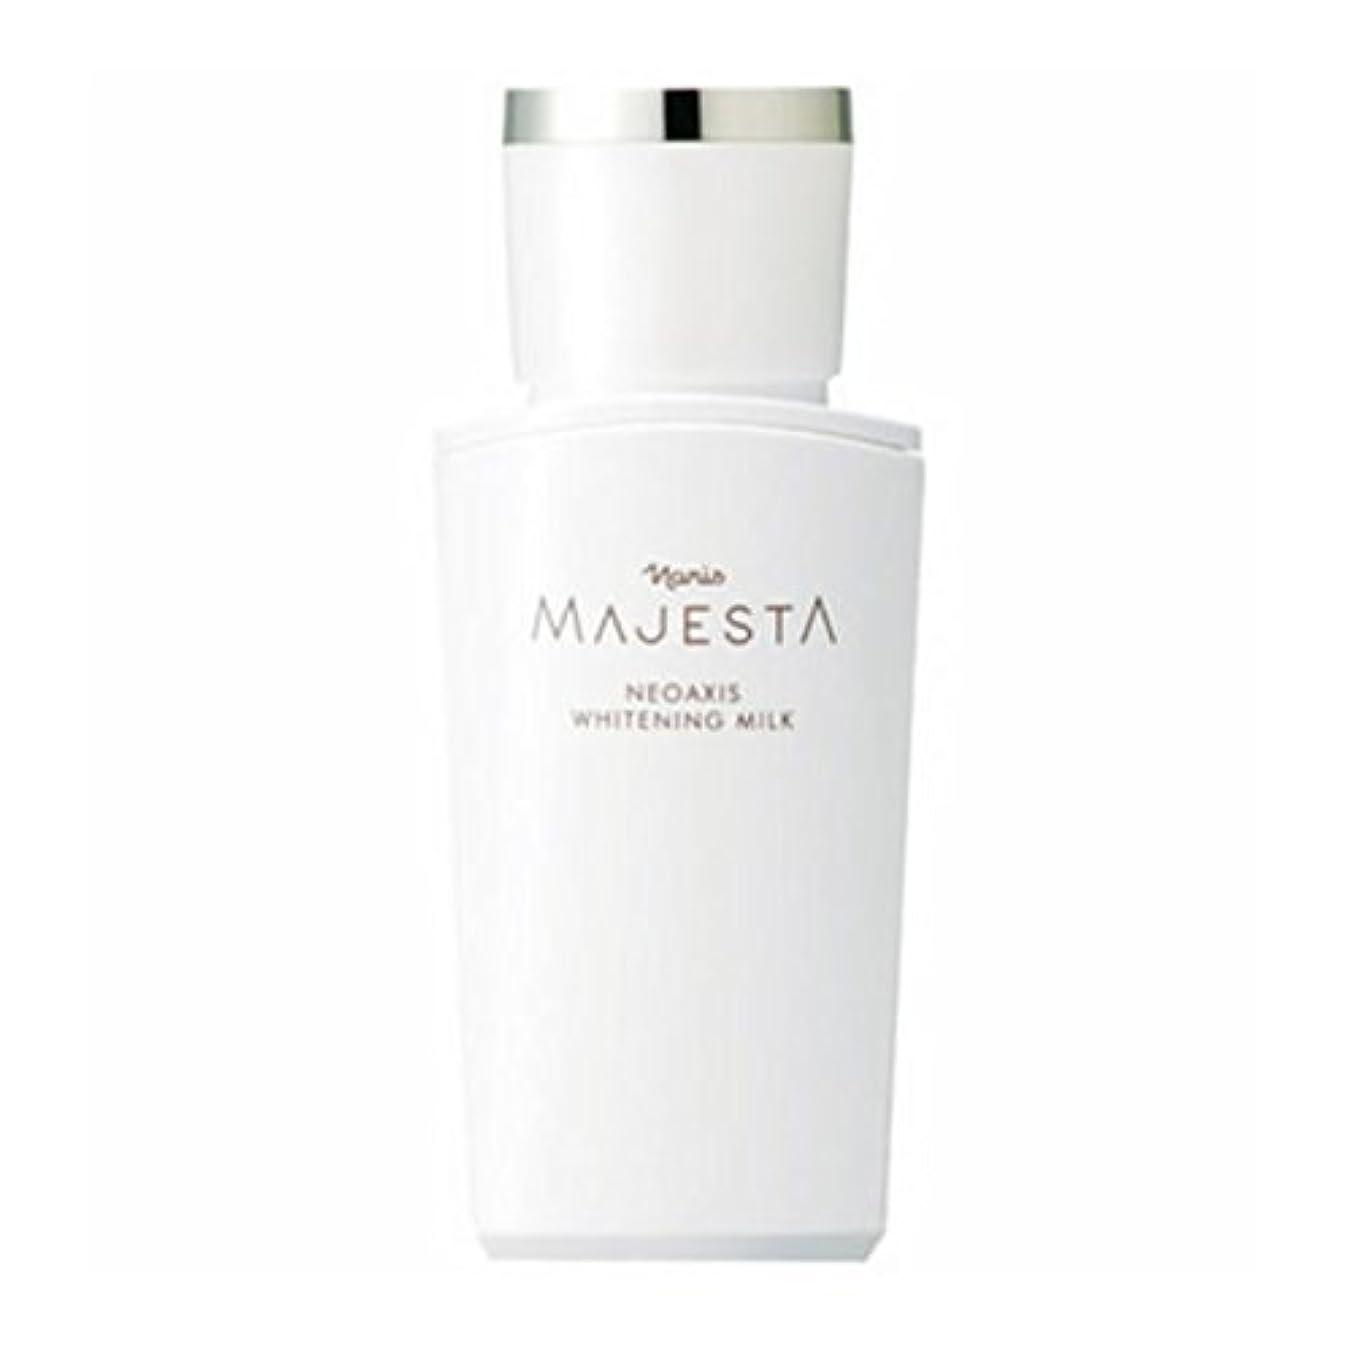 明日マーティンルーサーキングジュニア大騒ぎナリス化粧品 マジェスタ ネオアクシス ホワイトニング ミルク (薬用 美白乳液) 80ml